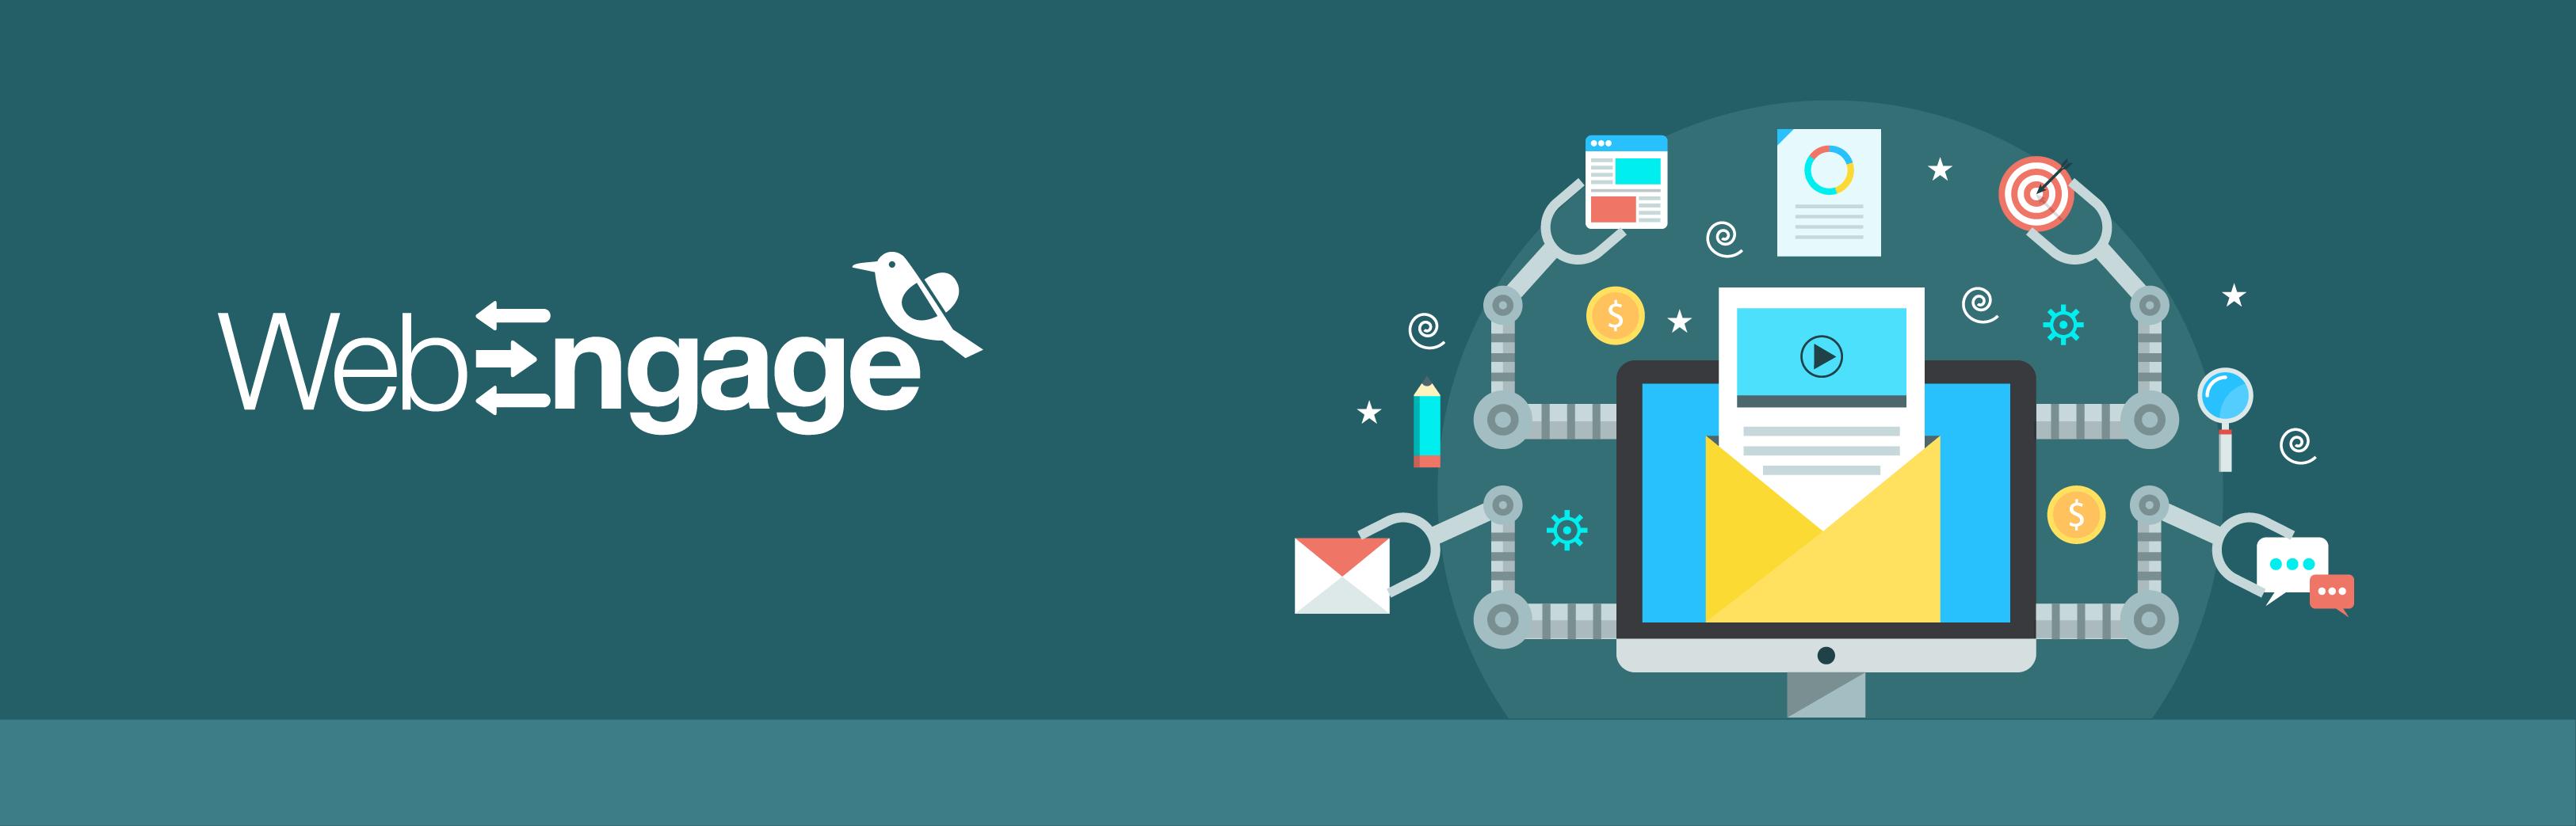 Webengage Marketing Automation